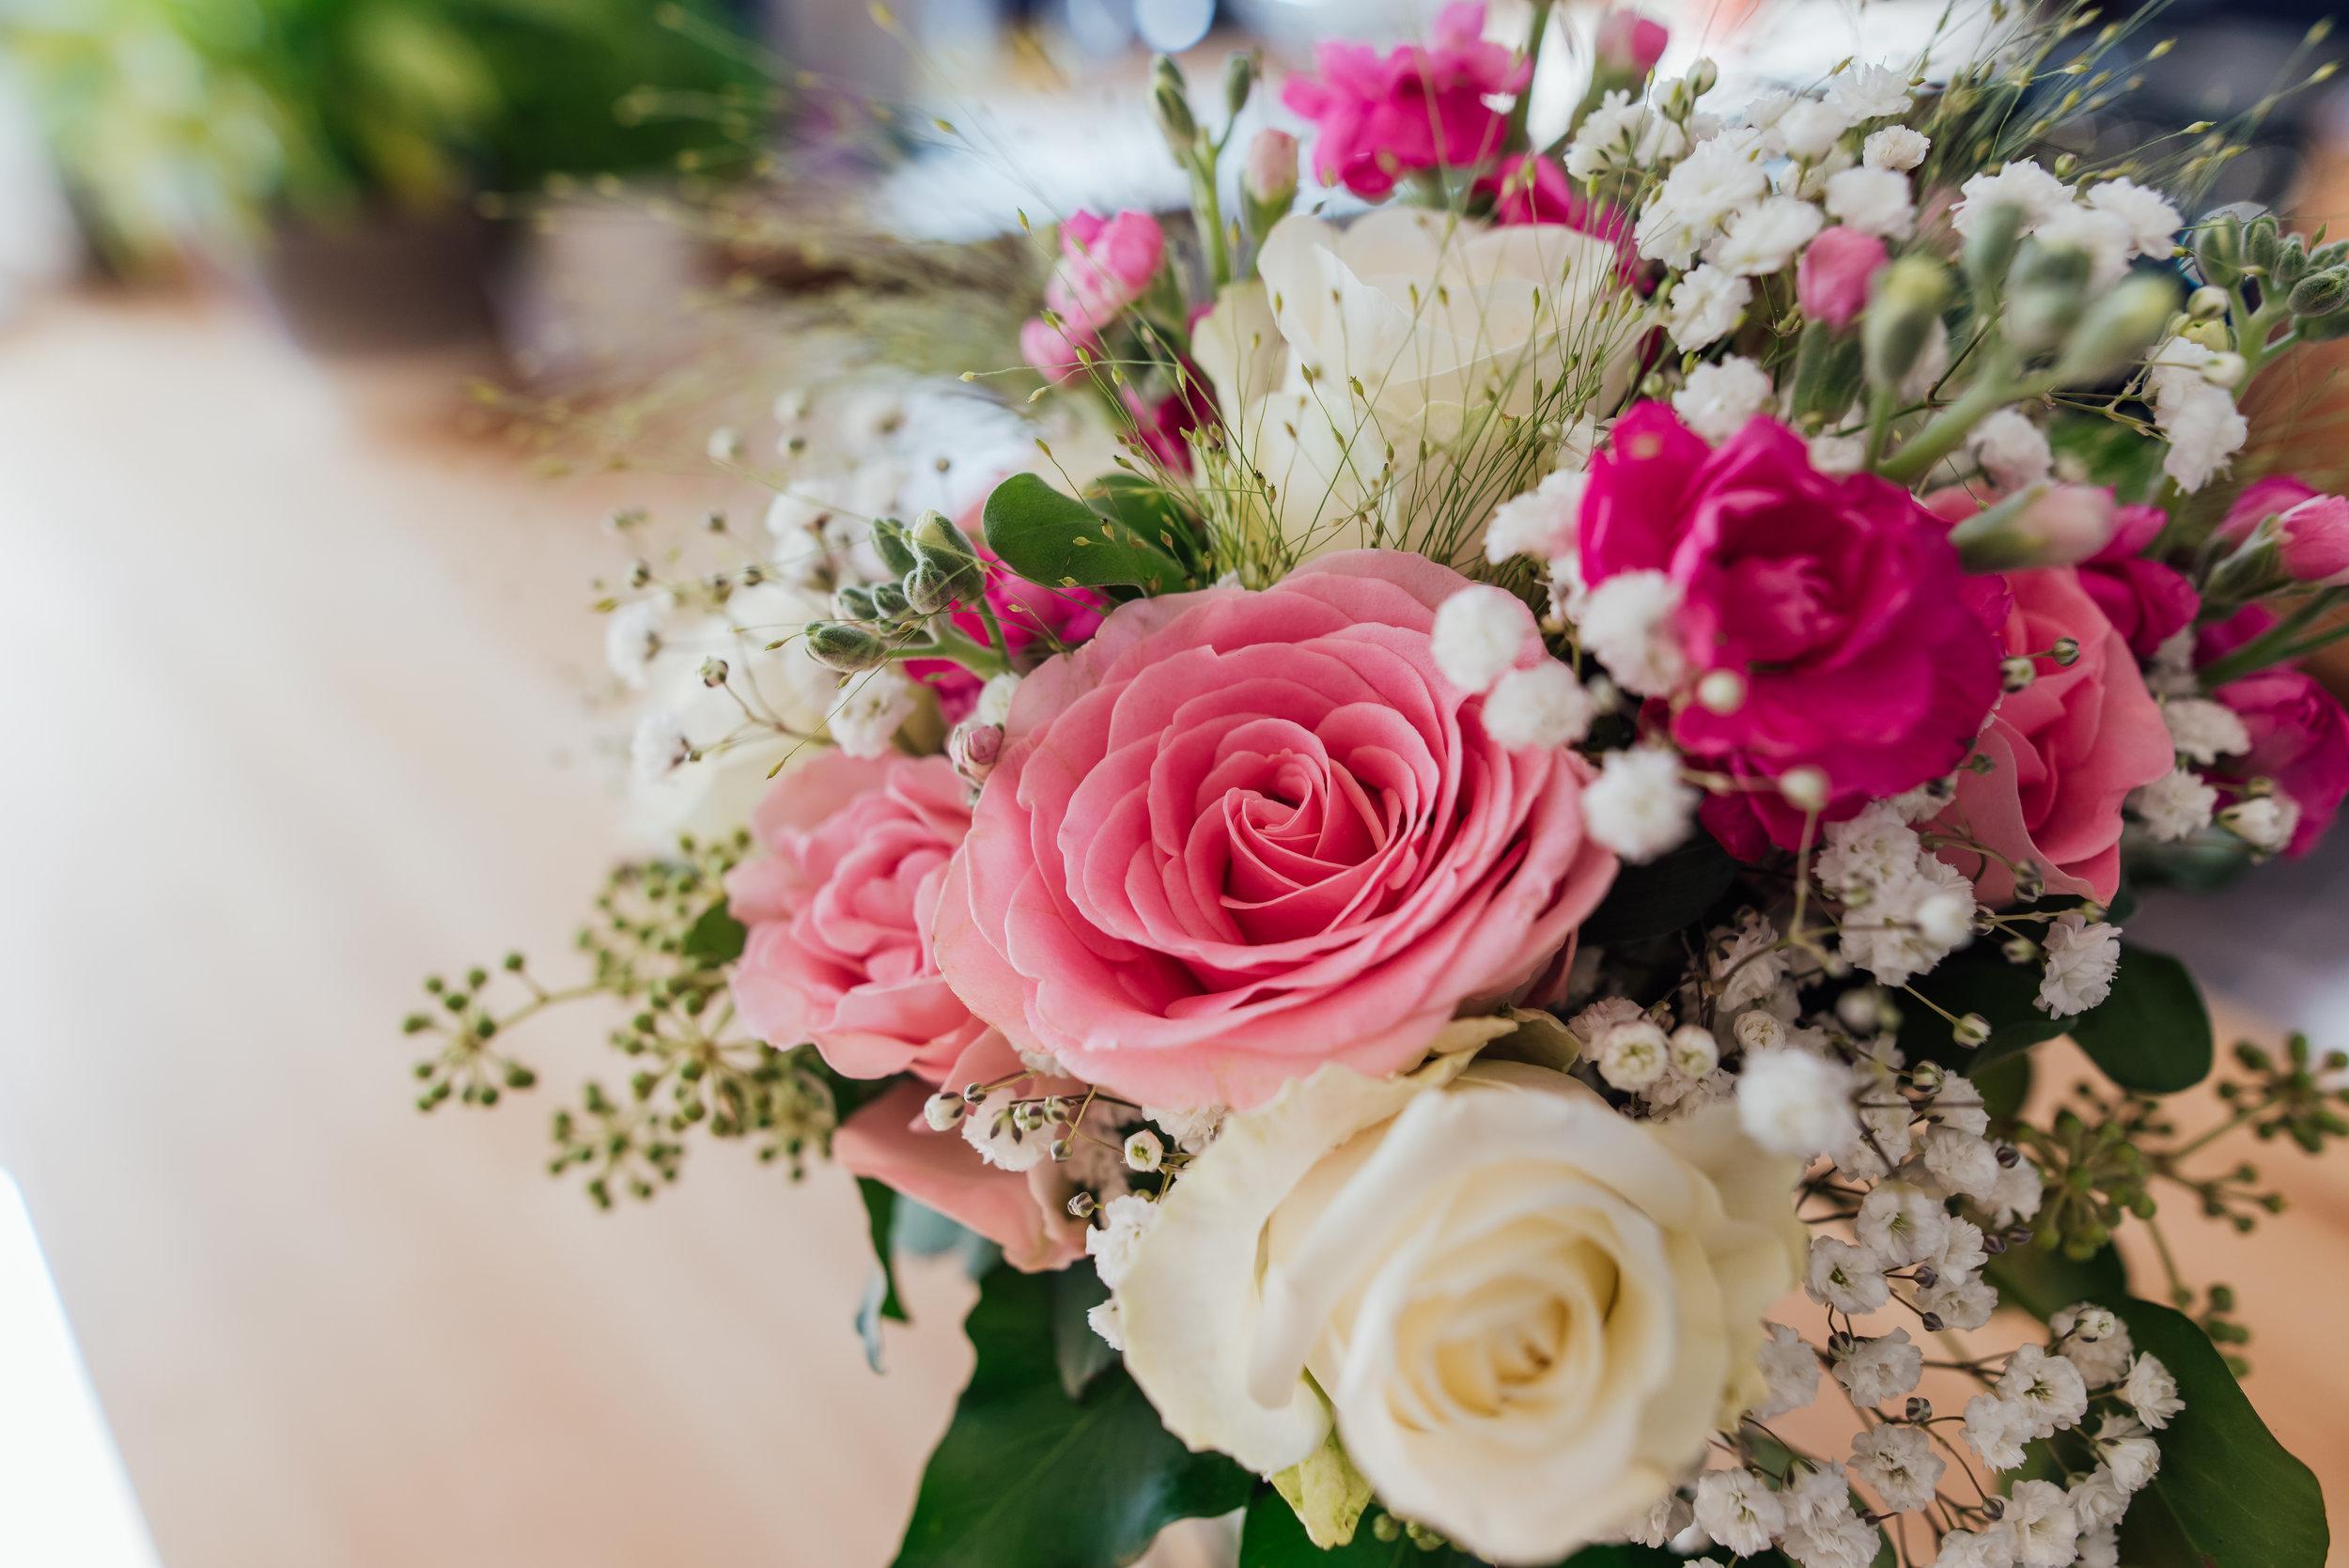 Hampshire-wedding-photographer : hampshire-village-hall-wedding : rotherwick-village-hall-wedding : wedding-photographer-hampshire : amy-james-photography : natural-wedding-photographer-hampshire : wedding-photographer-hampshire-80.jpg